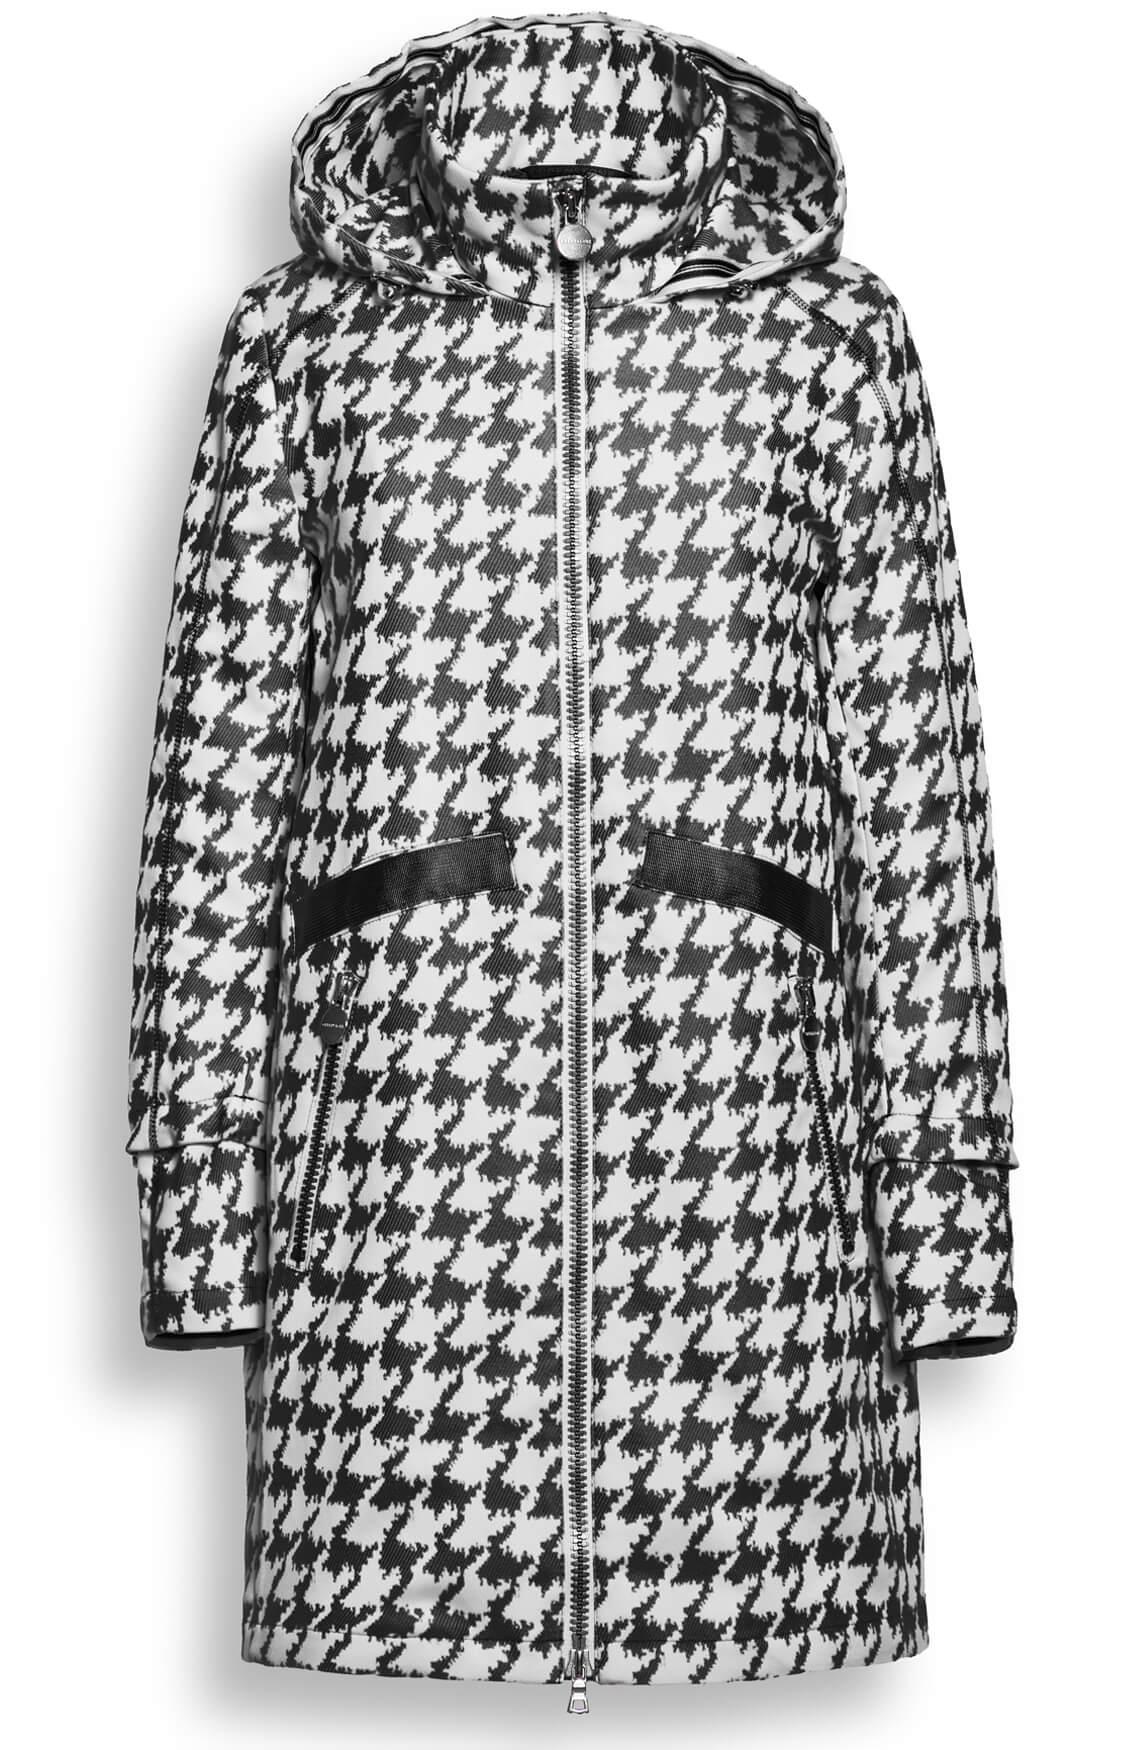 Creenstone Dames Pied-de-coque mantel zwart